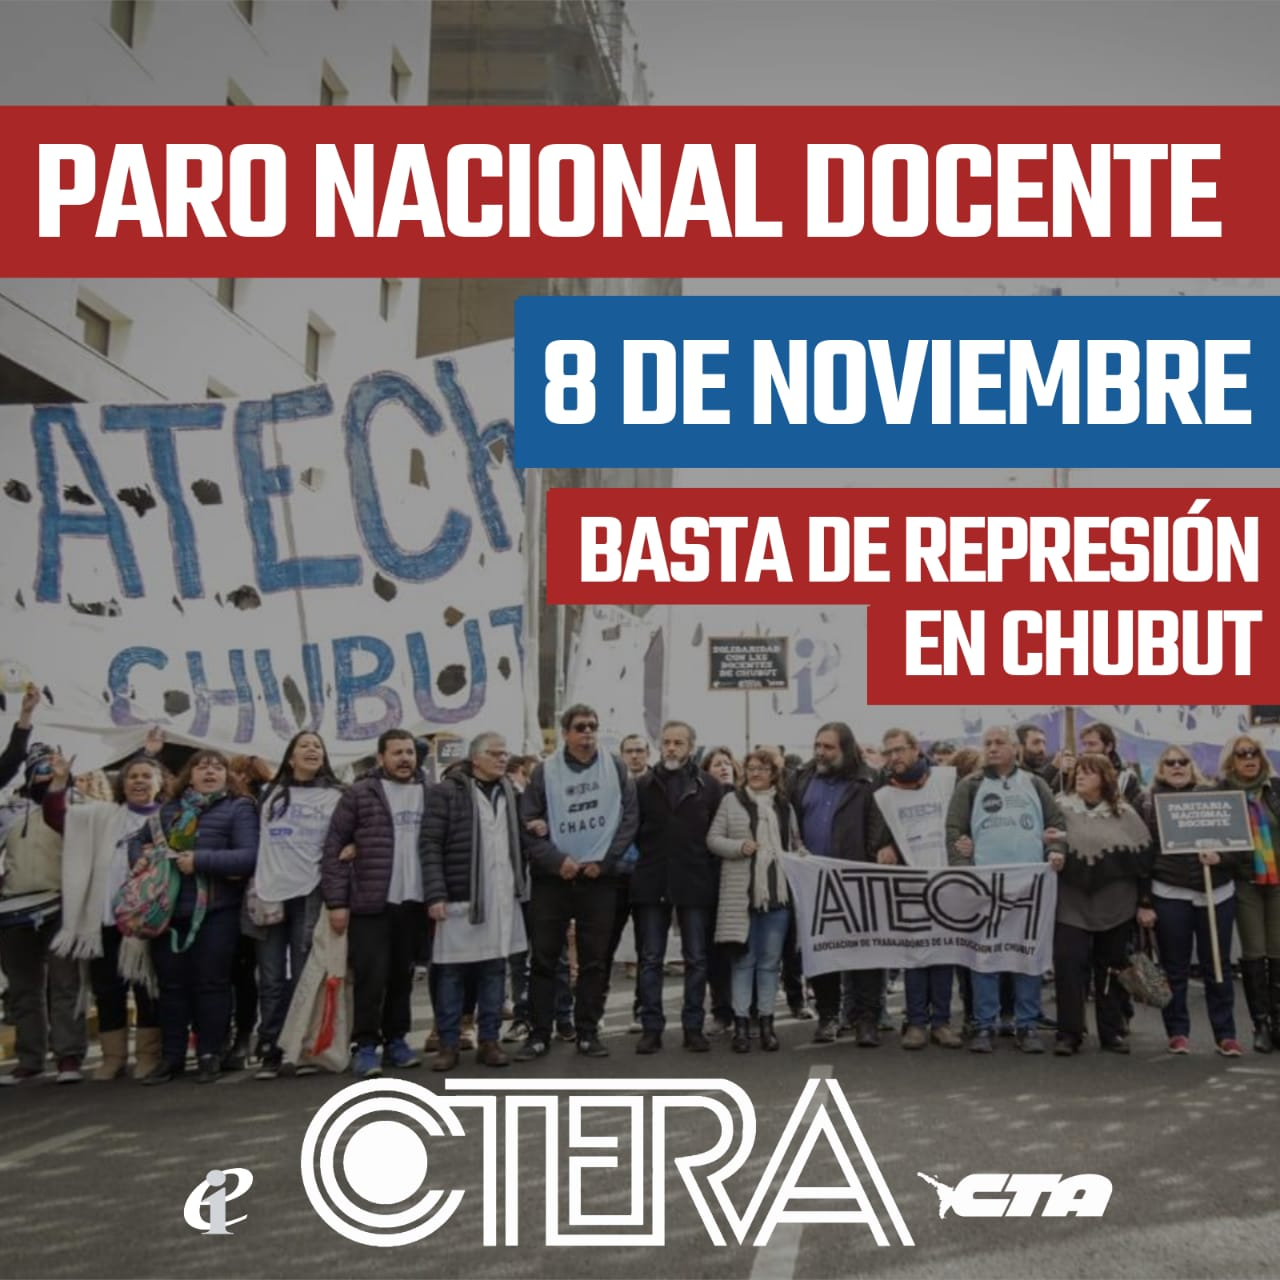 CTERA CONVOCA A PARO NACIONAL DOCENTE: VIERNES 8 DE NOVIEMBRE 2019.